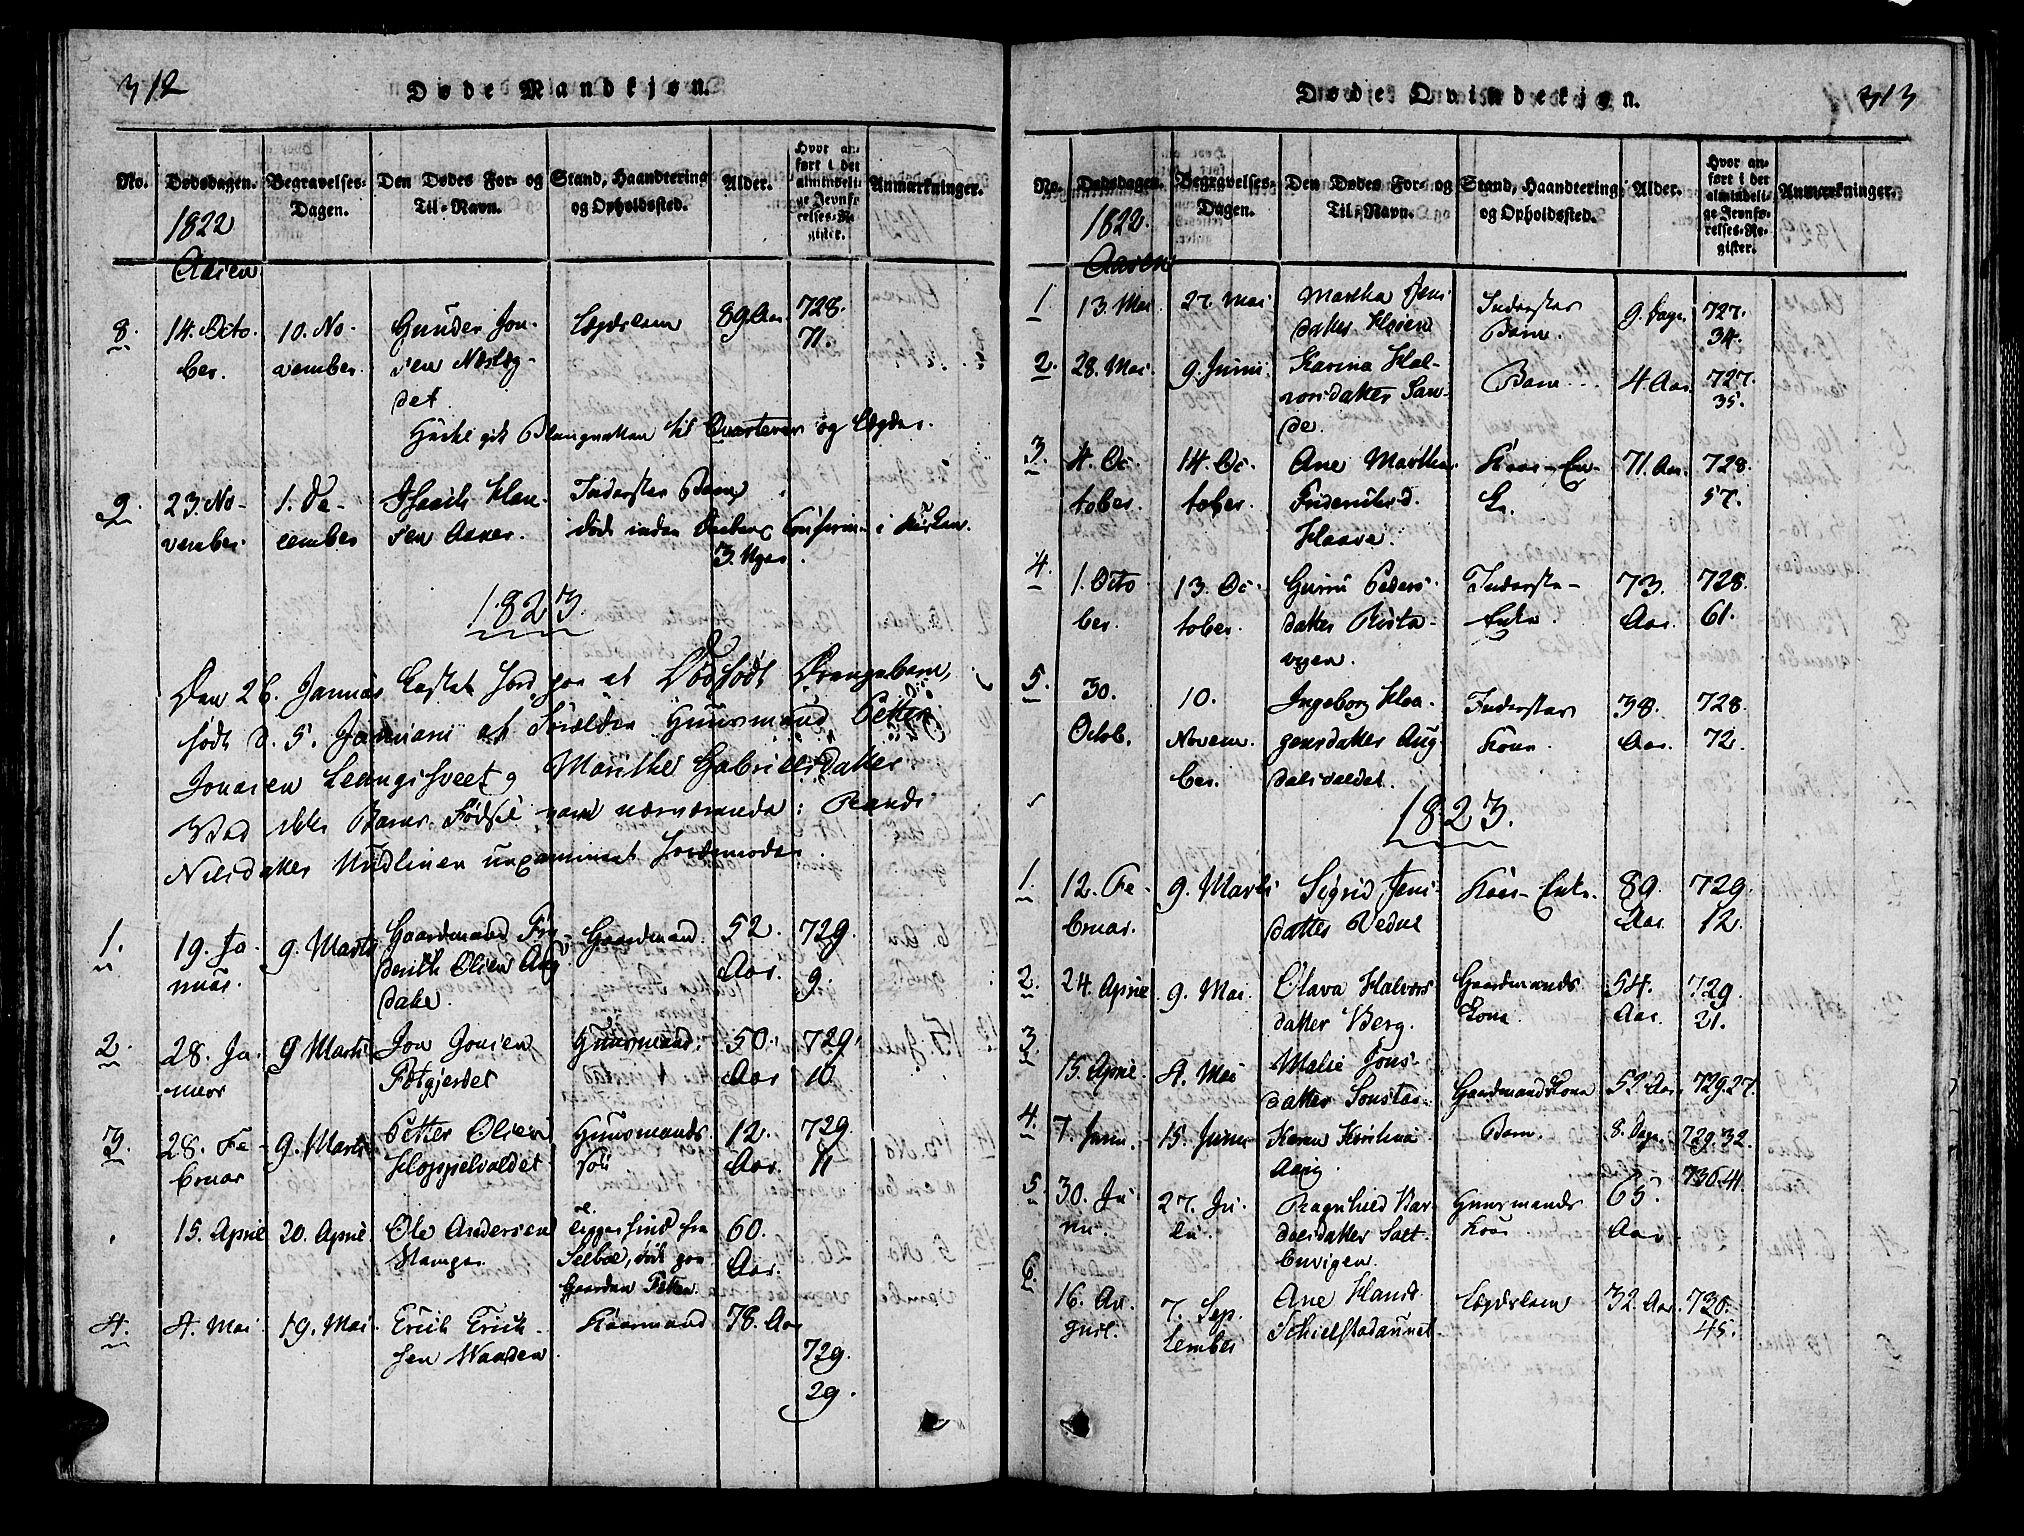 SAT, Ministerialprotokoller, klokkerbøker og fødselsregistre - Nord-Trøndelag, 713/L0112: Ministerialbok nr. 713A04 /2, 1817-1827, s. 312-313